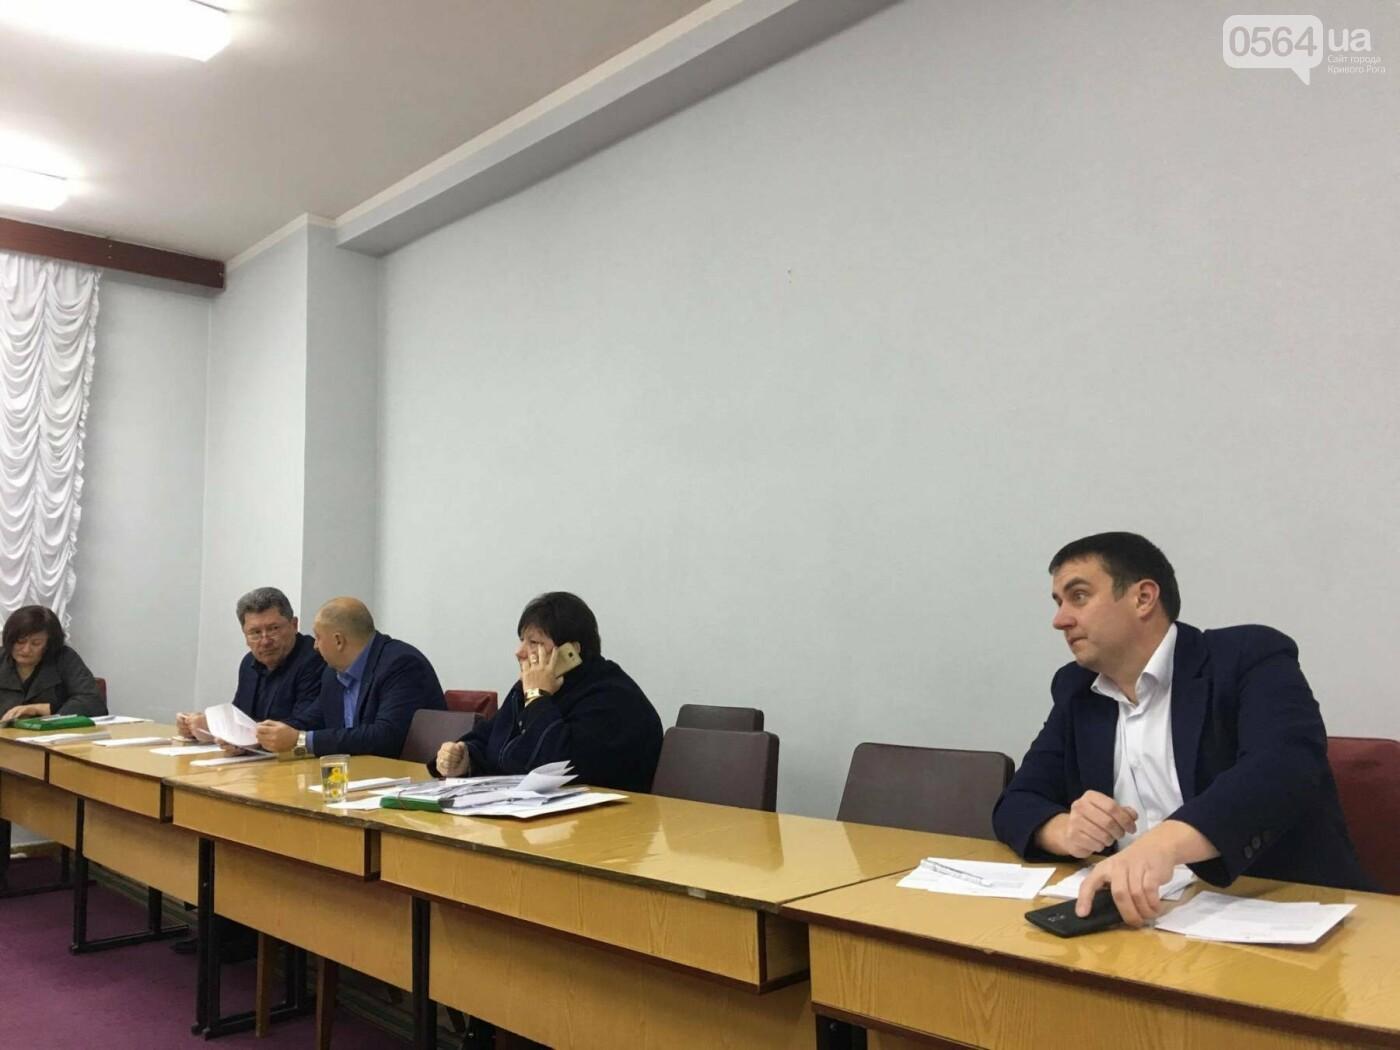 Увольнение Шовгели и бездомные коты, -  в Кривом Роге депутаты готовятся к пленарному заседанию (ФОТО), фото-6